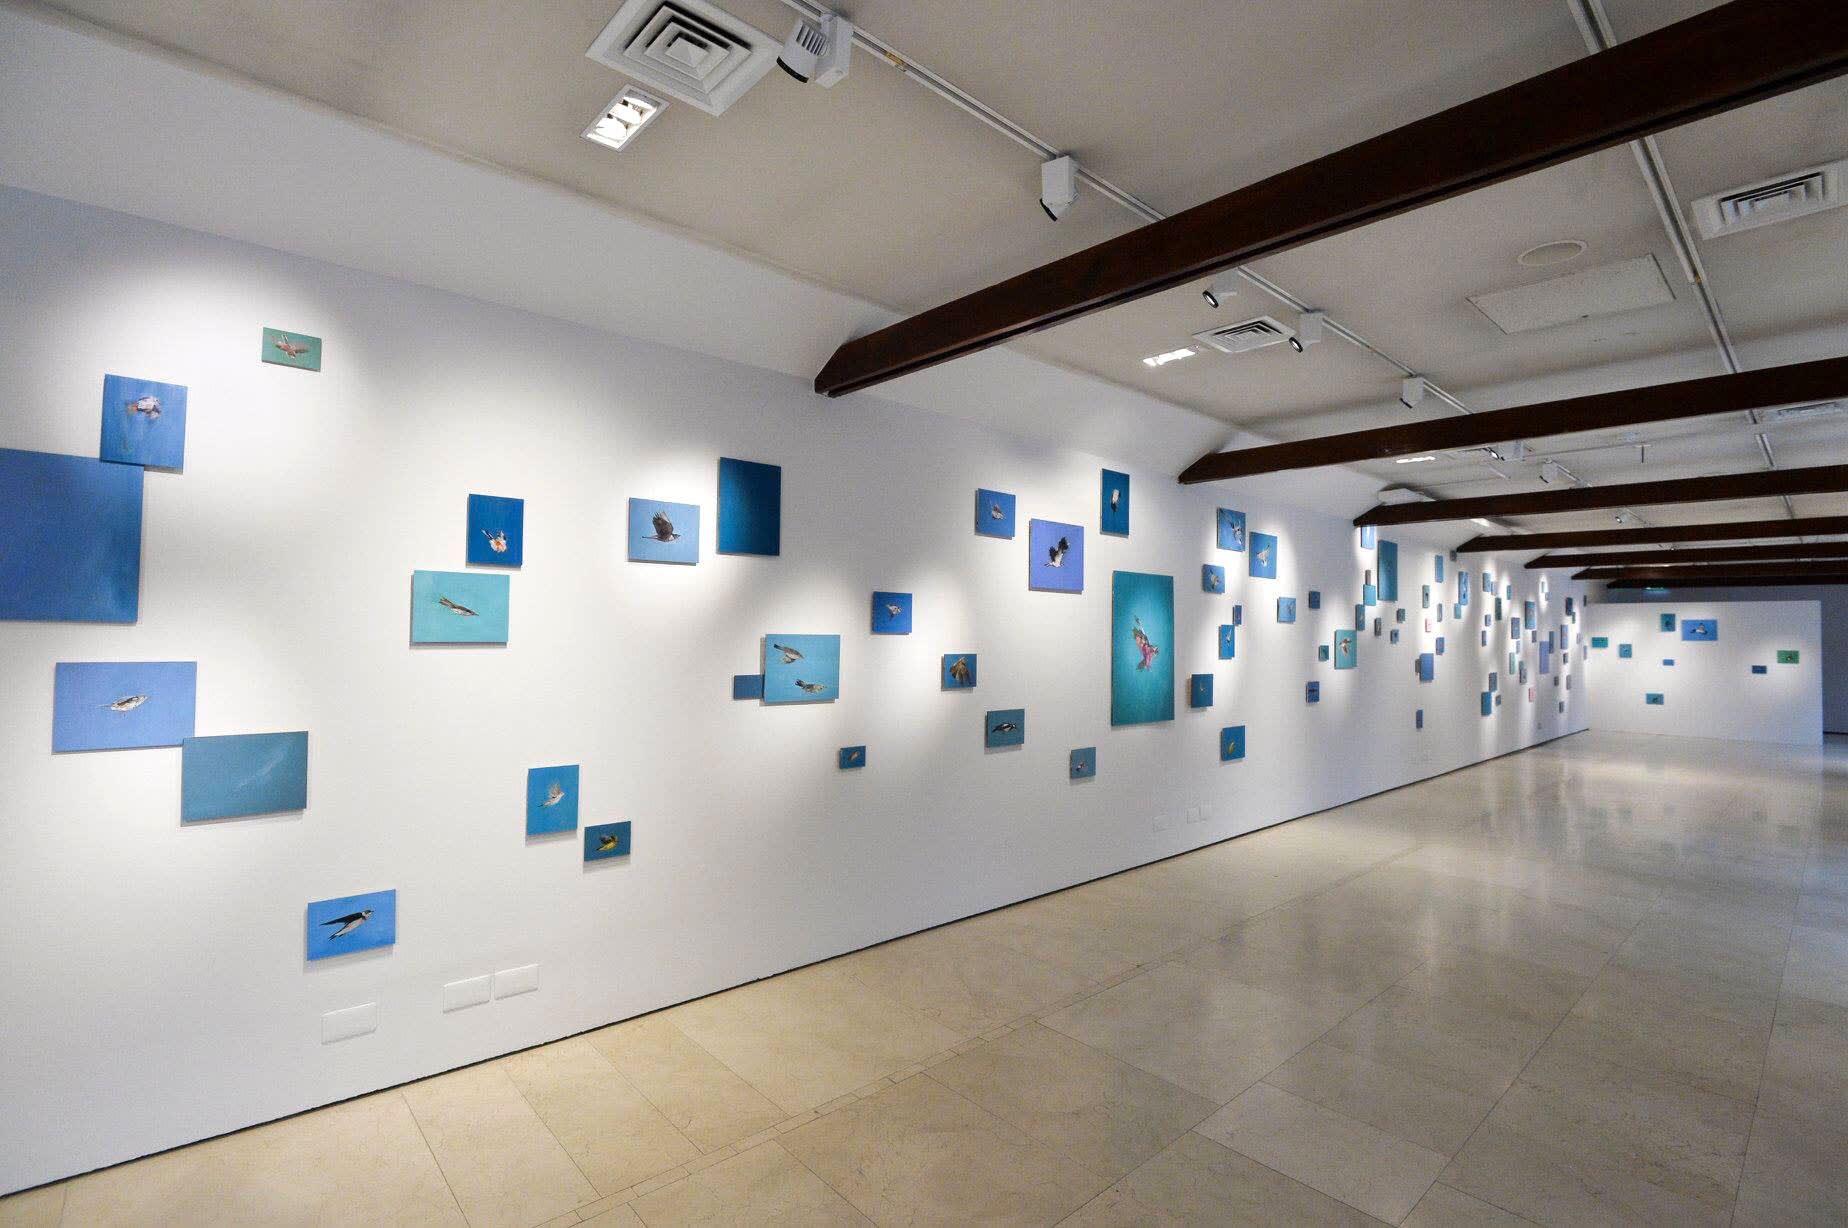 Crossing the Salt: Gabhann Dunne at the Farmleigh Gallery